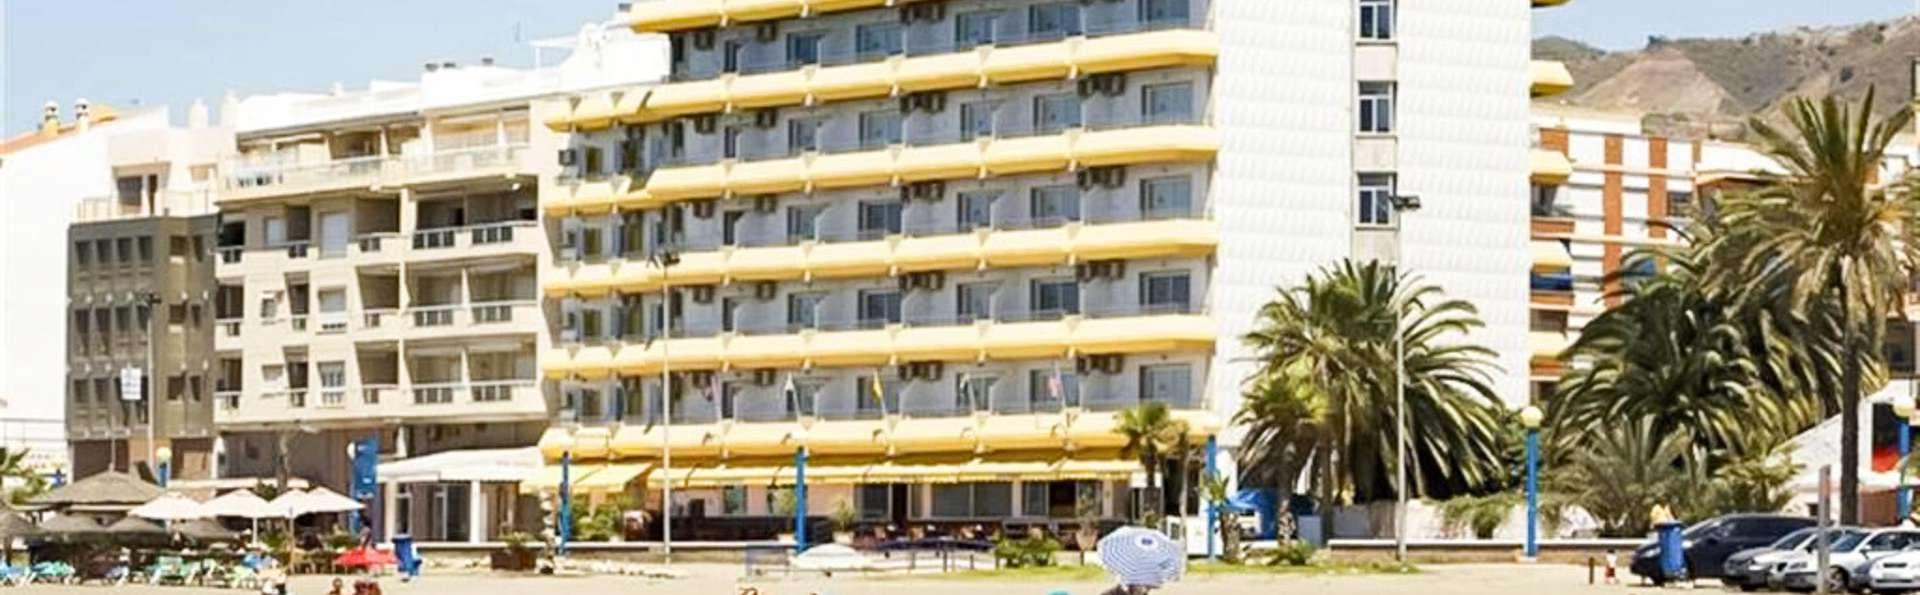 Hotel Rincón Sol - EDIT_FRONT_02.jpg